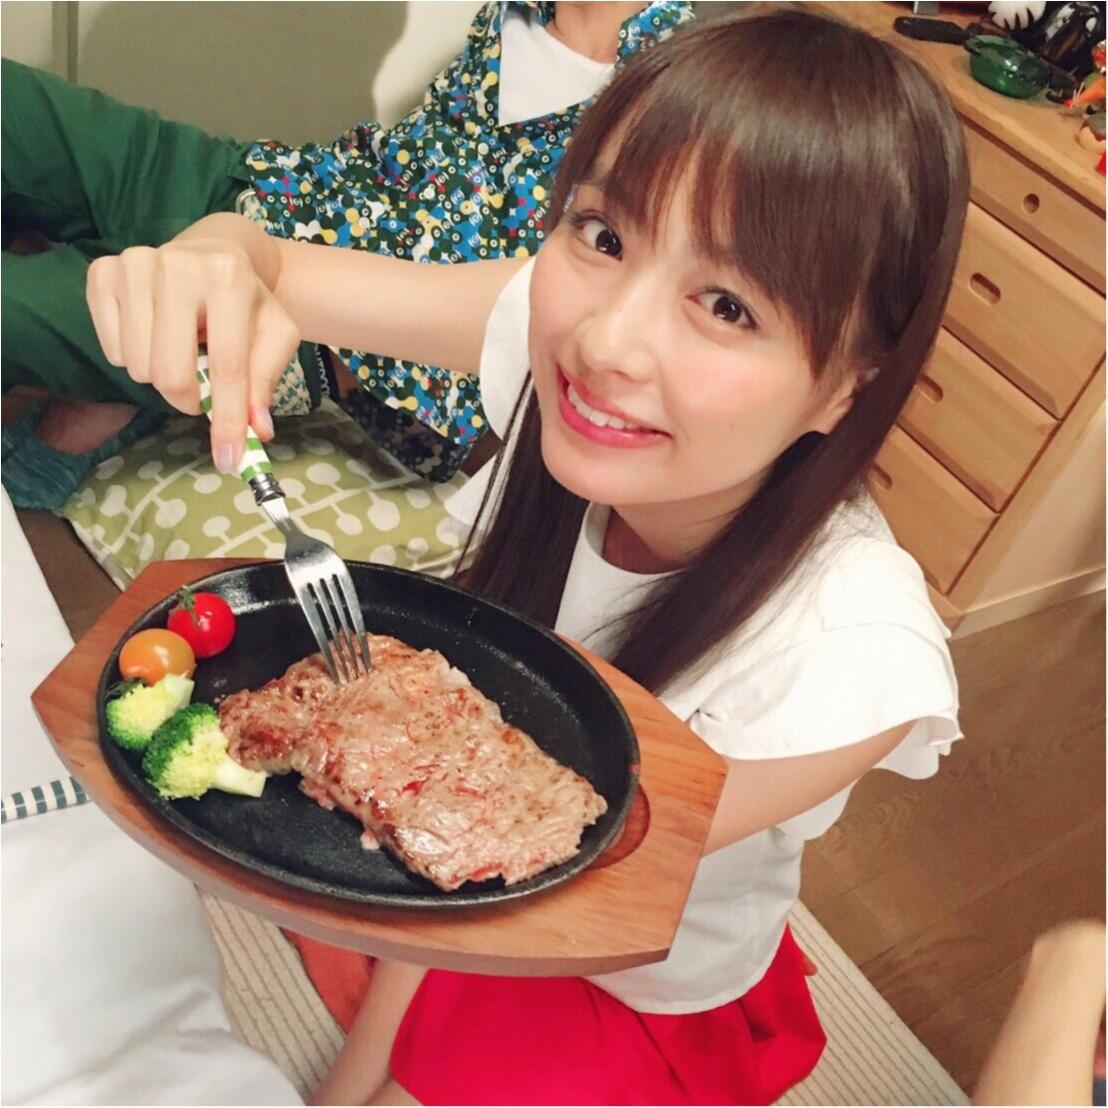 内田理央、ステーキはナイフで切らずに食べる!? _1